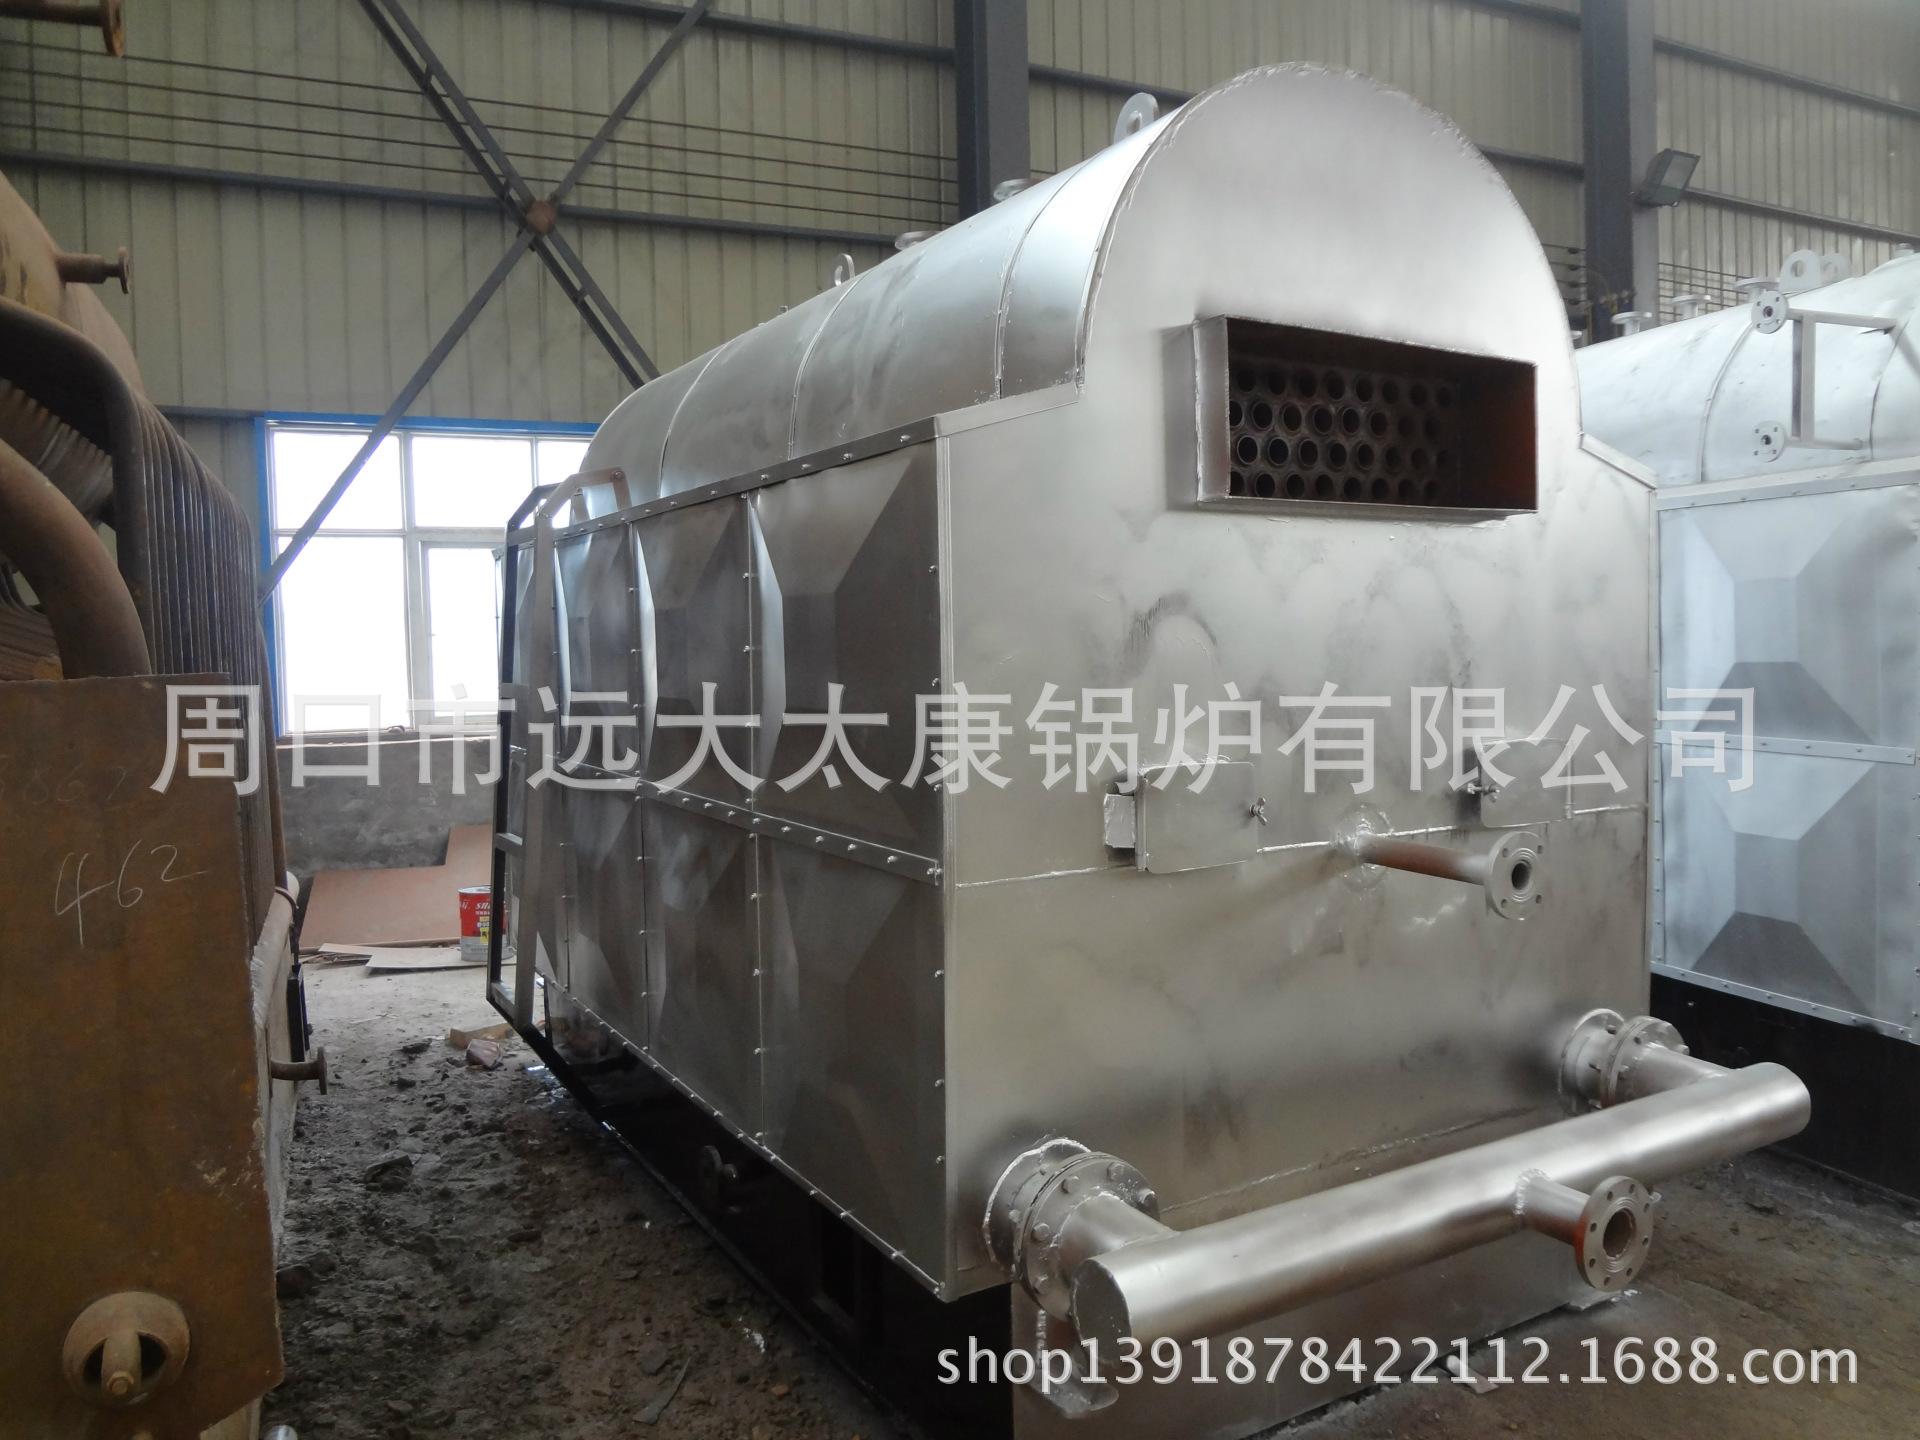 燃气蒸汽锅炉 吨蒸汽锅炉 厂家供应高质量1吨燃气蒸汽锅炉 阿里巴巴